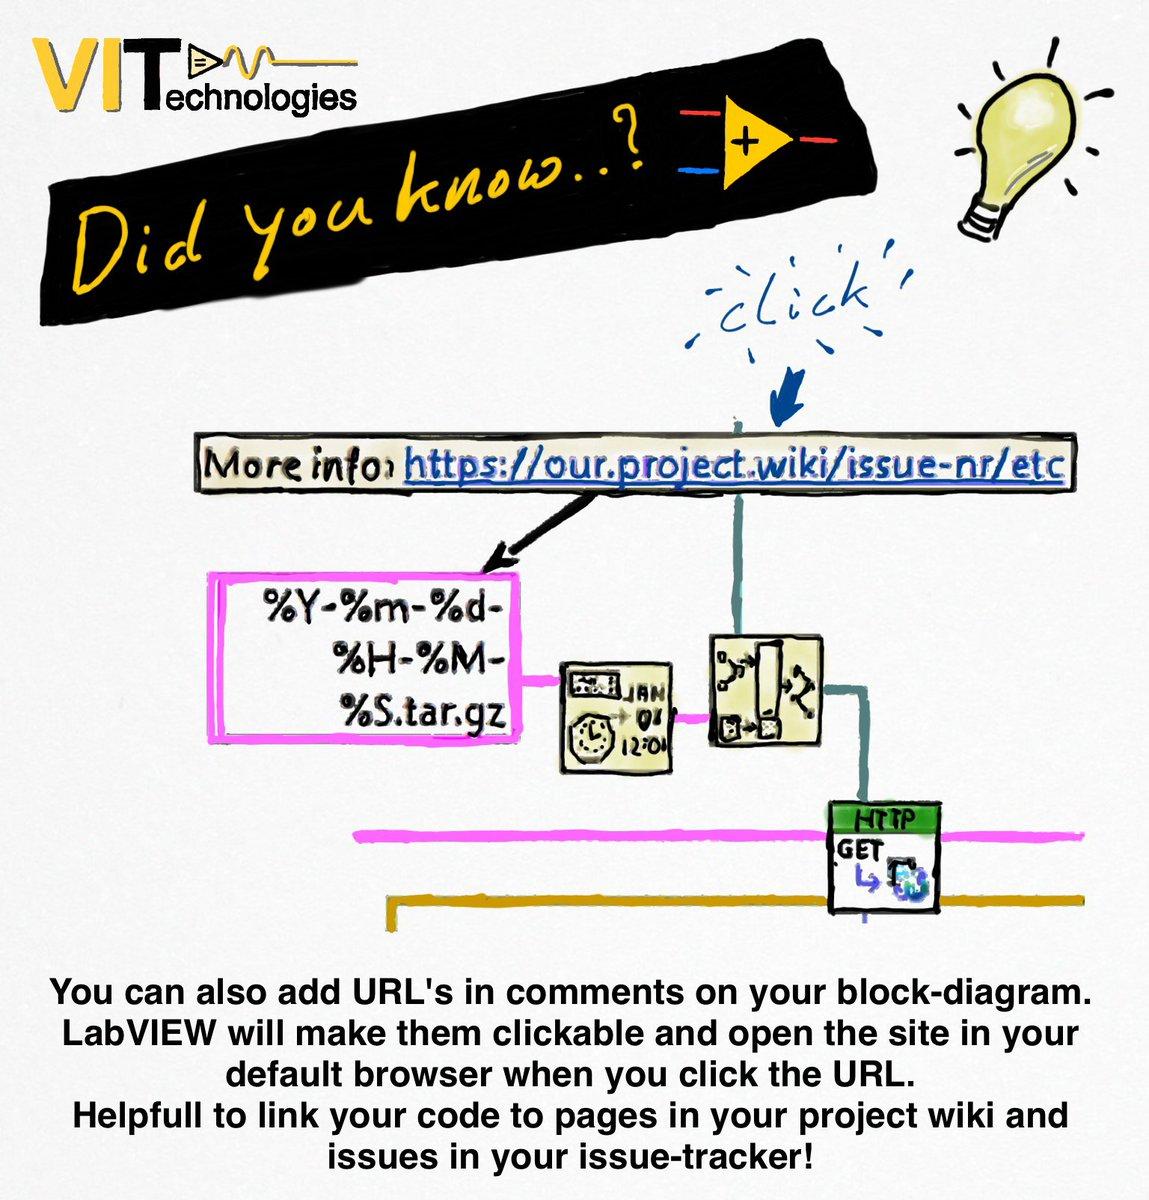 VI Technologies on Twitter: